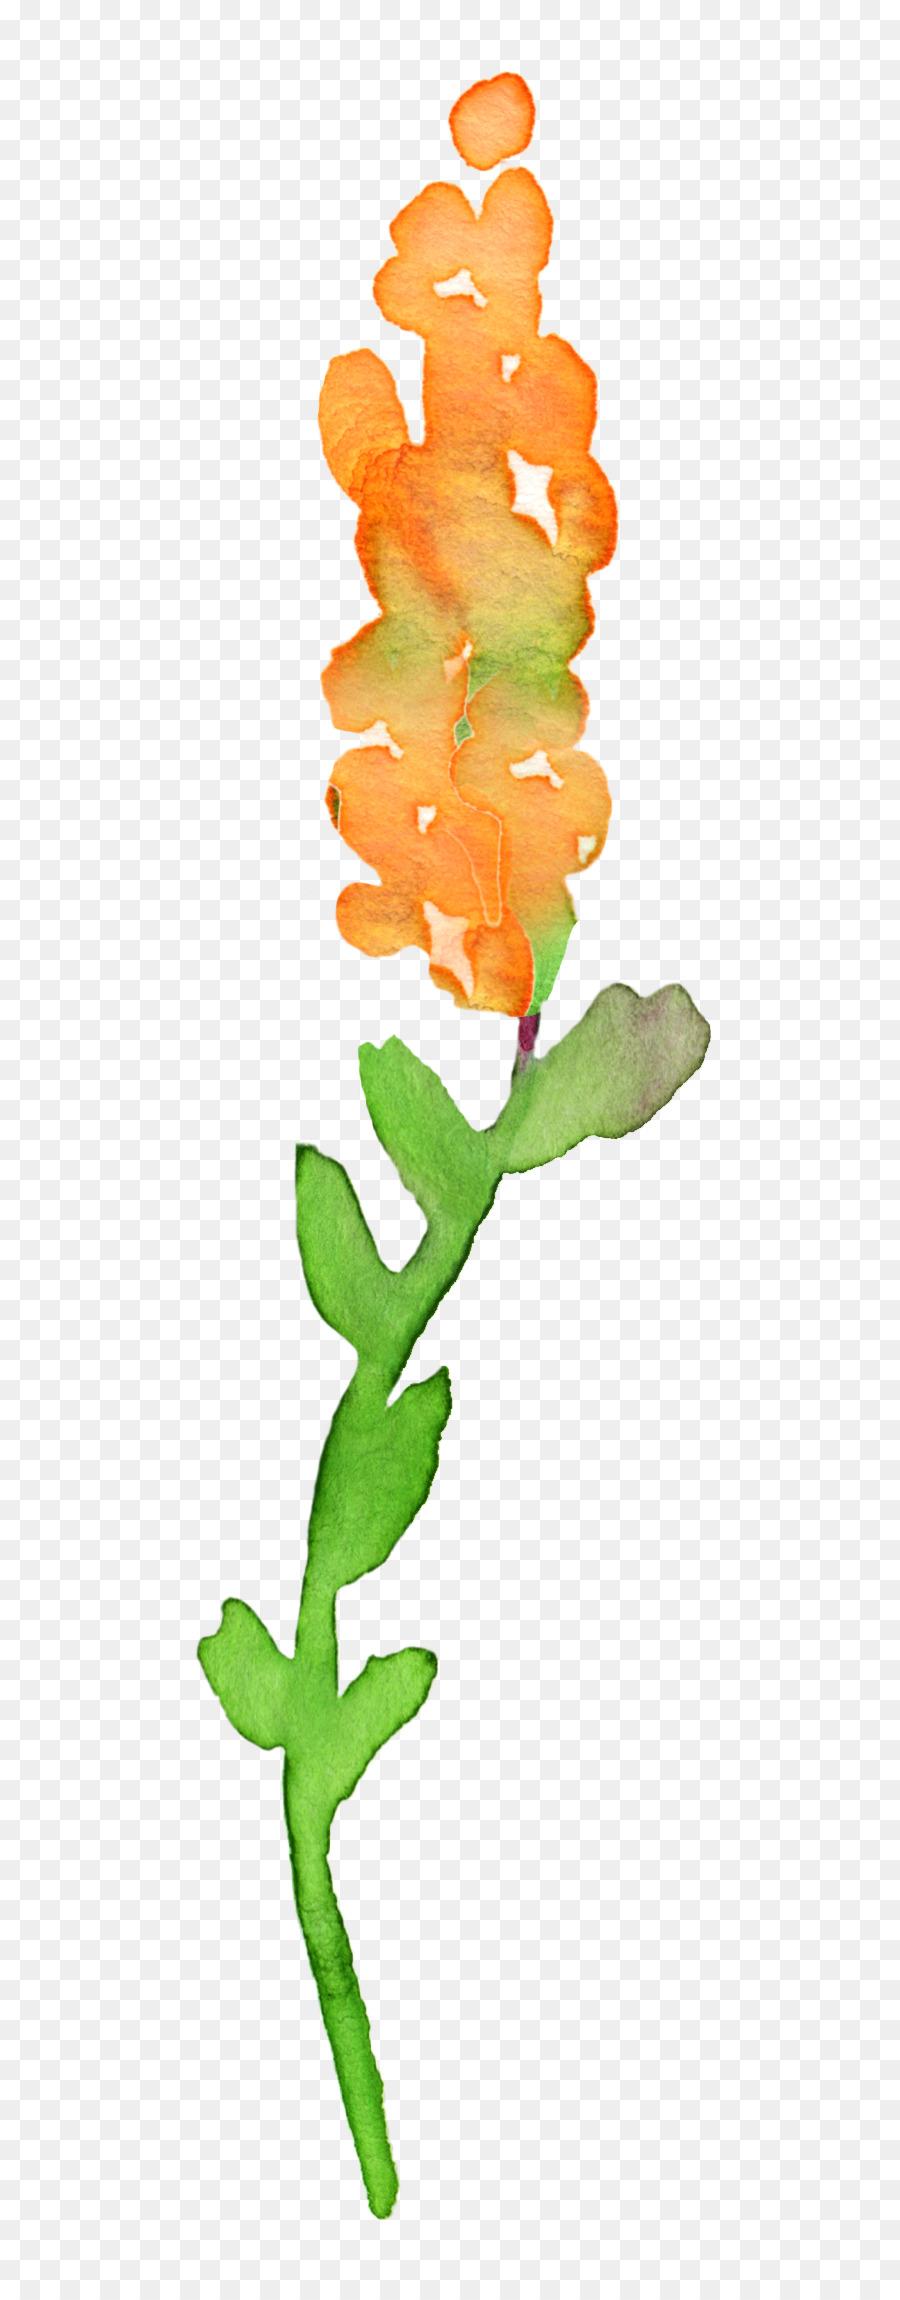 Boyama Sonbahar çiçek çiçek Tasarım Küçük Resim Suluboya Suluboya